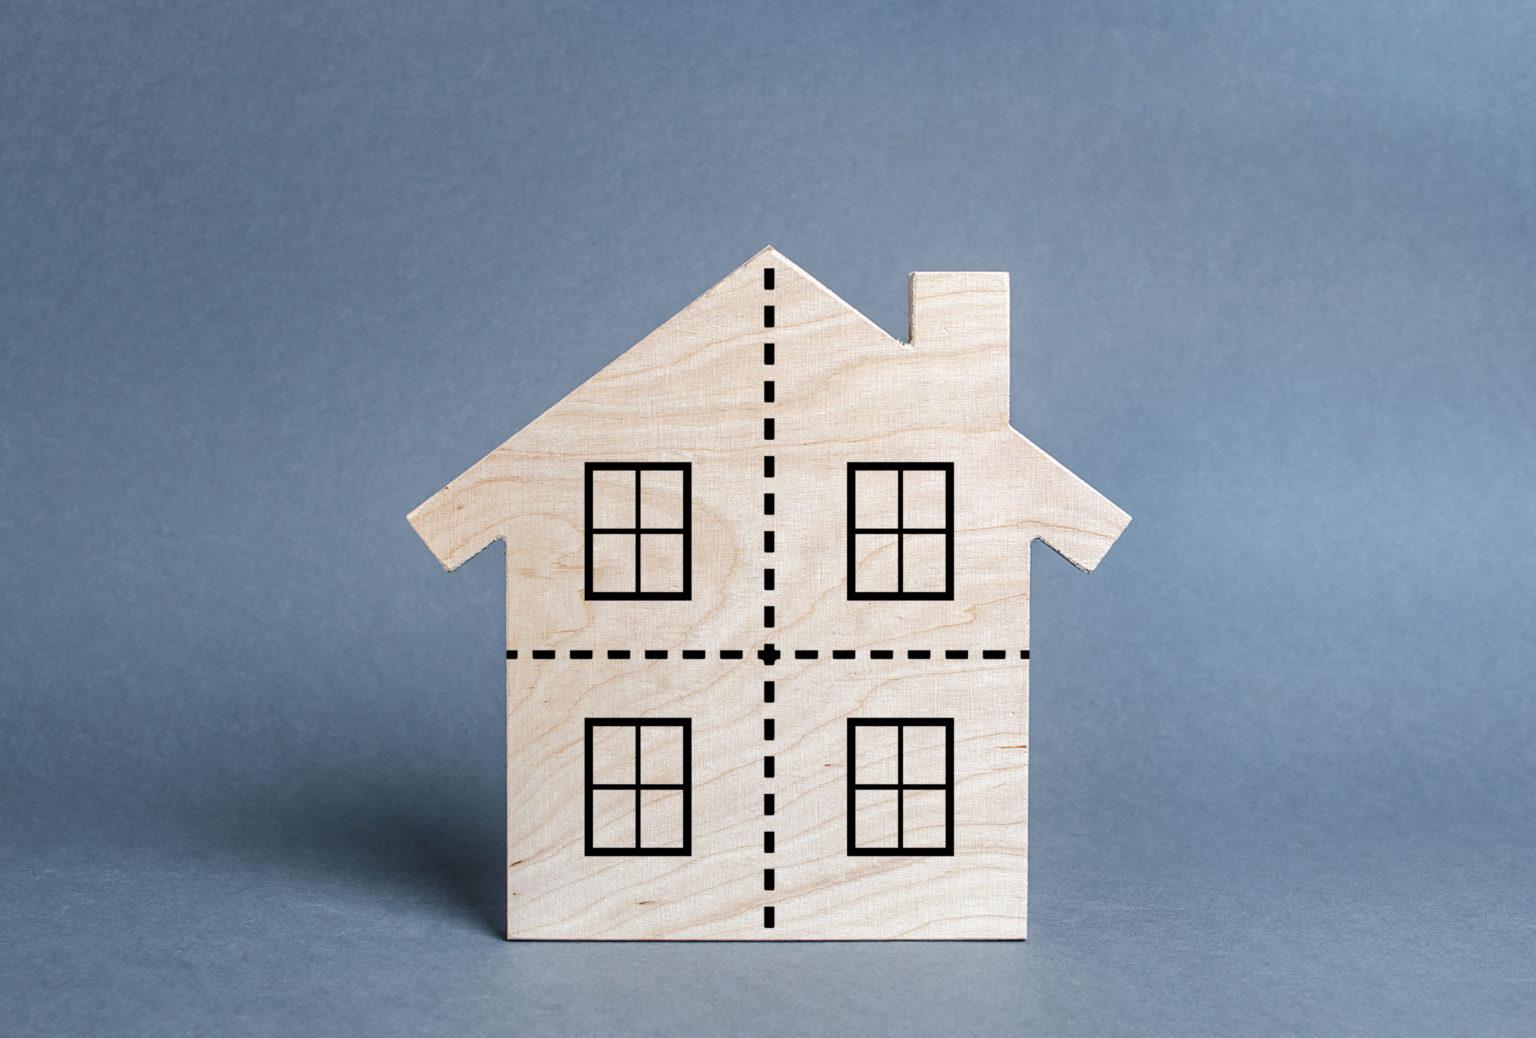 Einfamilienhaus mit Teilungslinien auf der Fassade als Zeichen für die Teilung von Immobilien